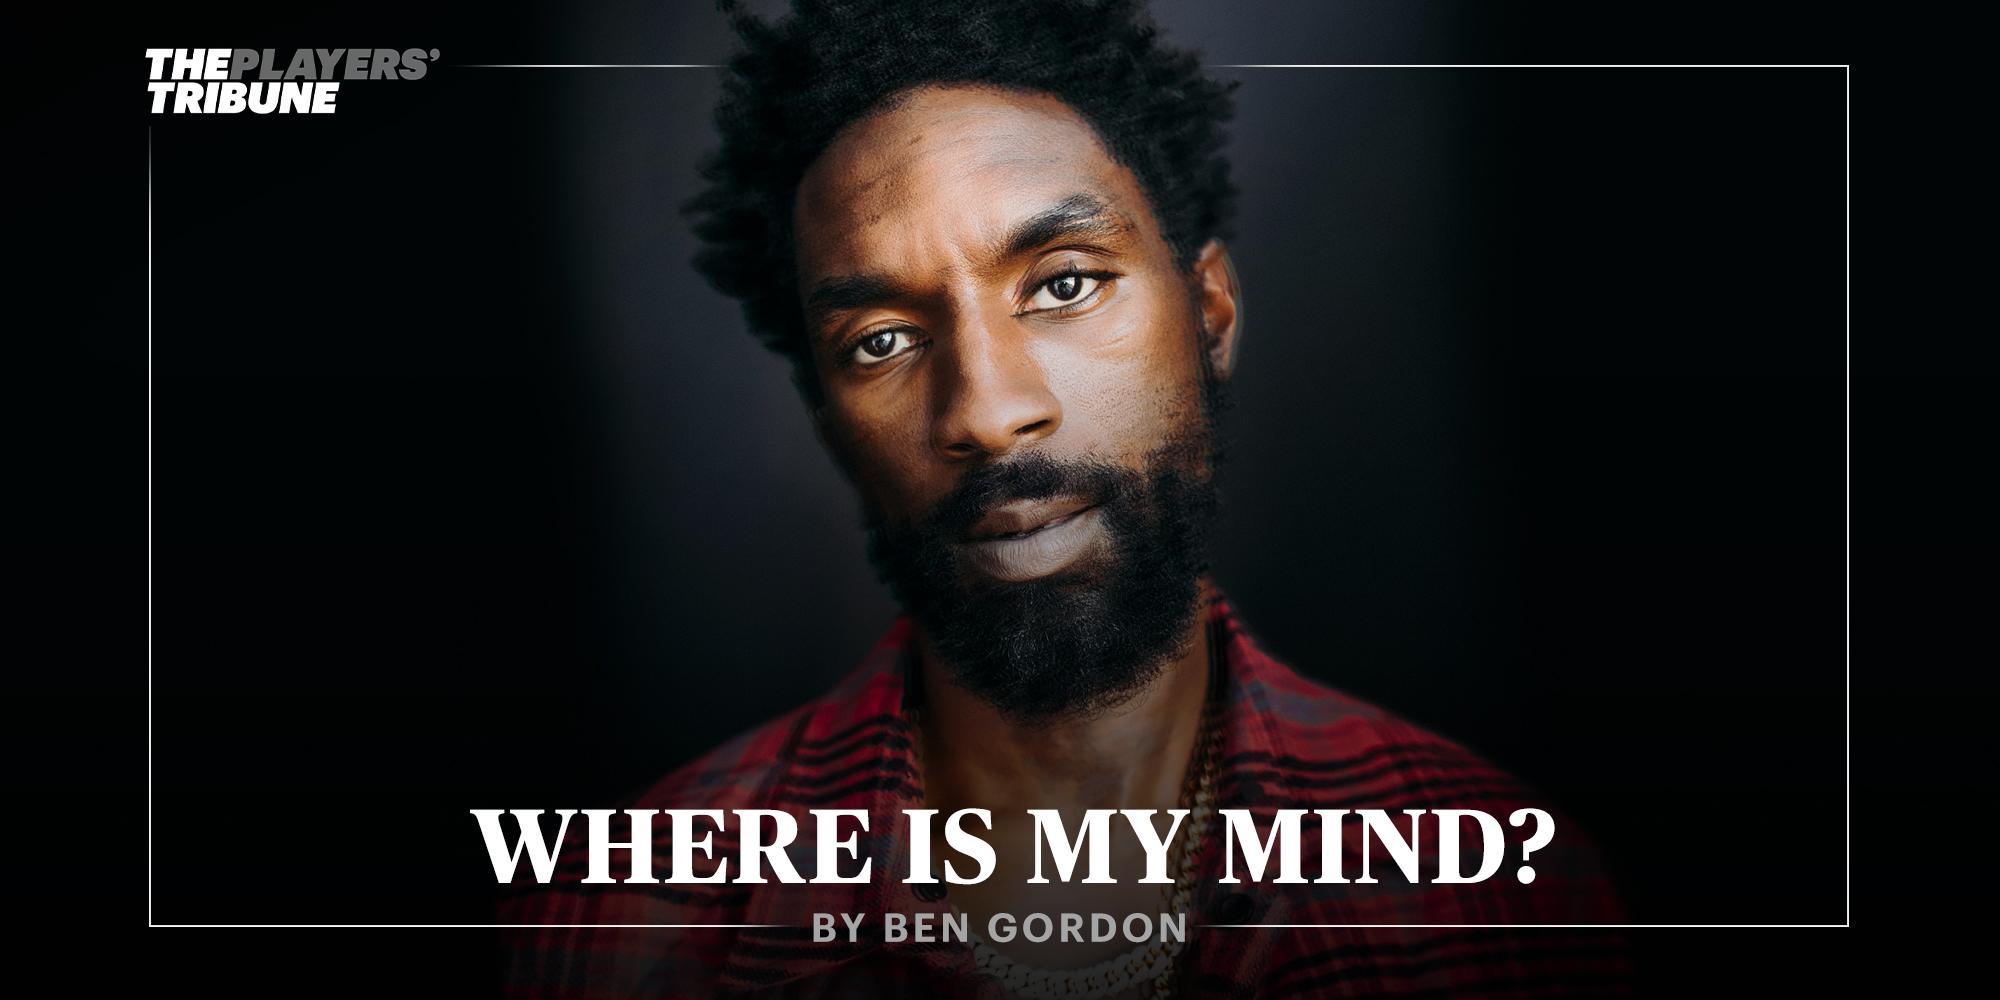 前NBA球员本-戈登亲笔自述:我曾一度执着于自杀